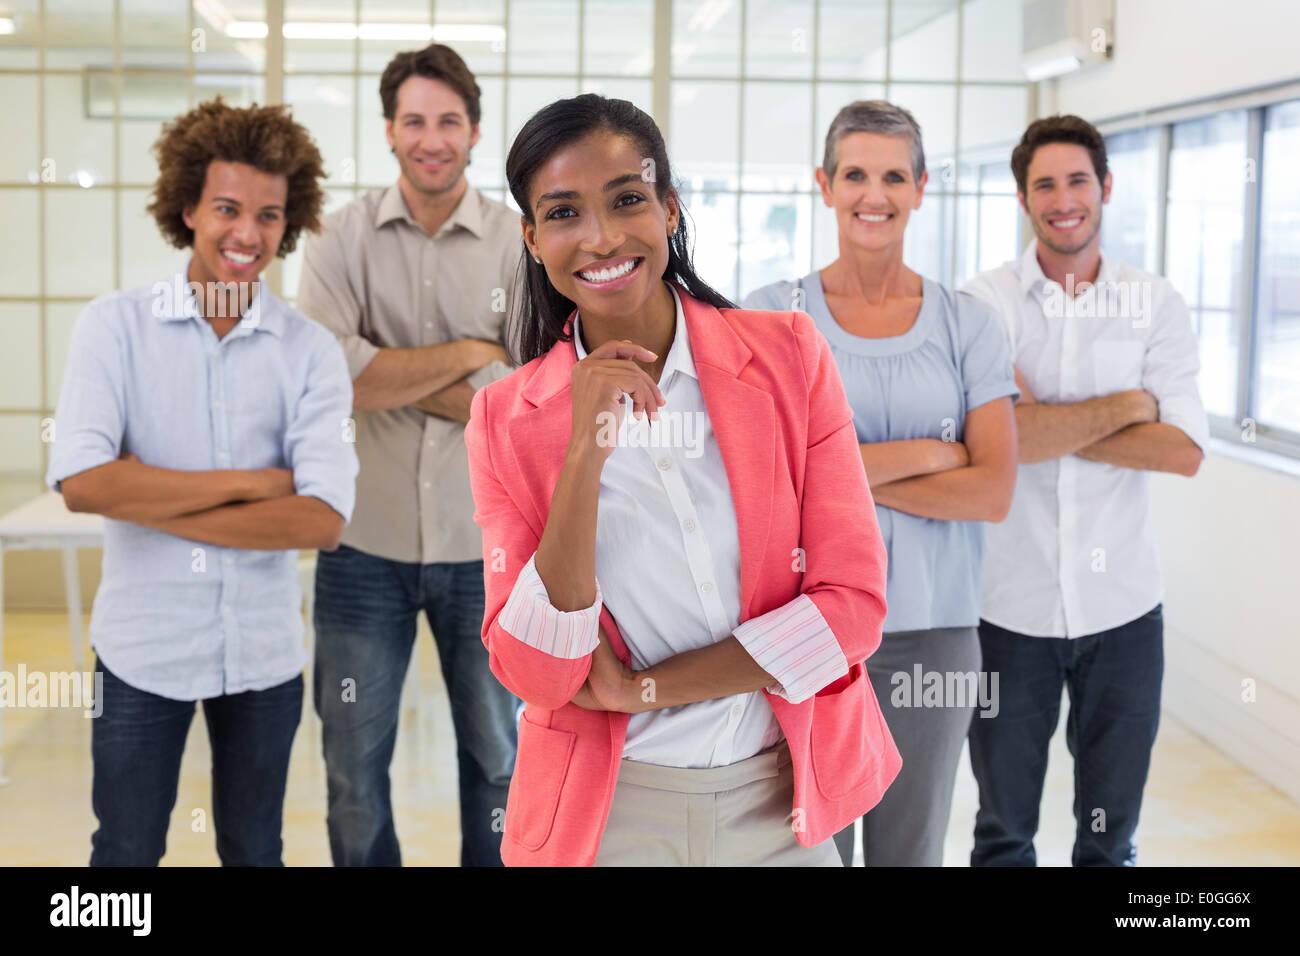 Les travailleurs bien habillé avec bras croisés smiling at camera Photo Stock